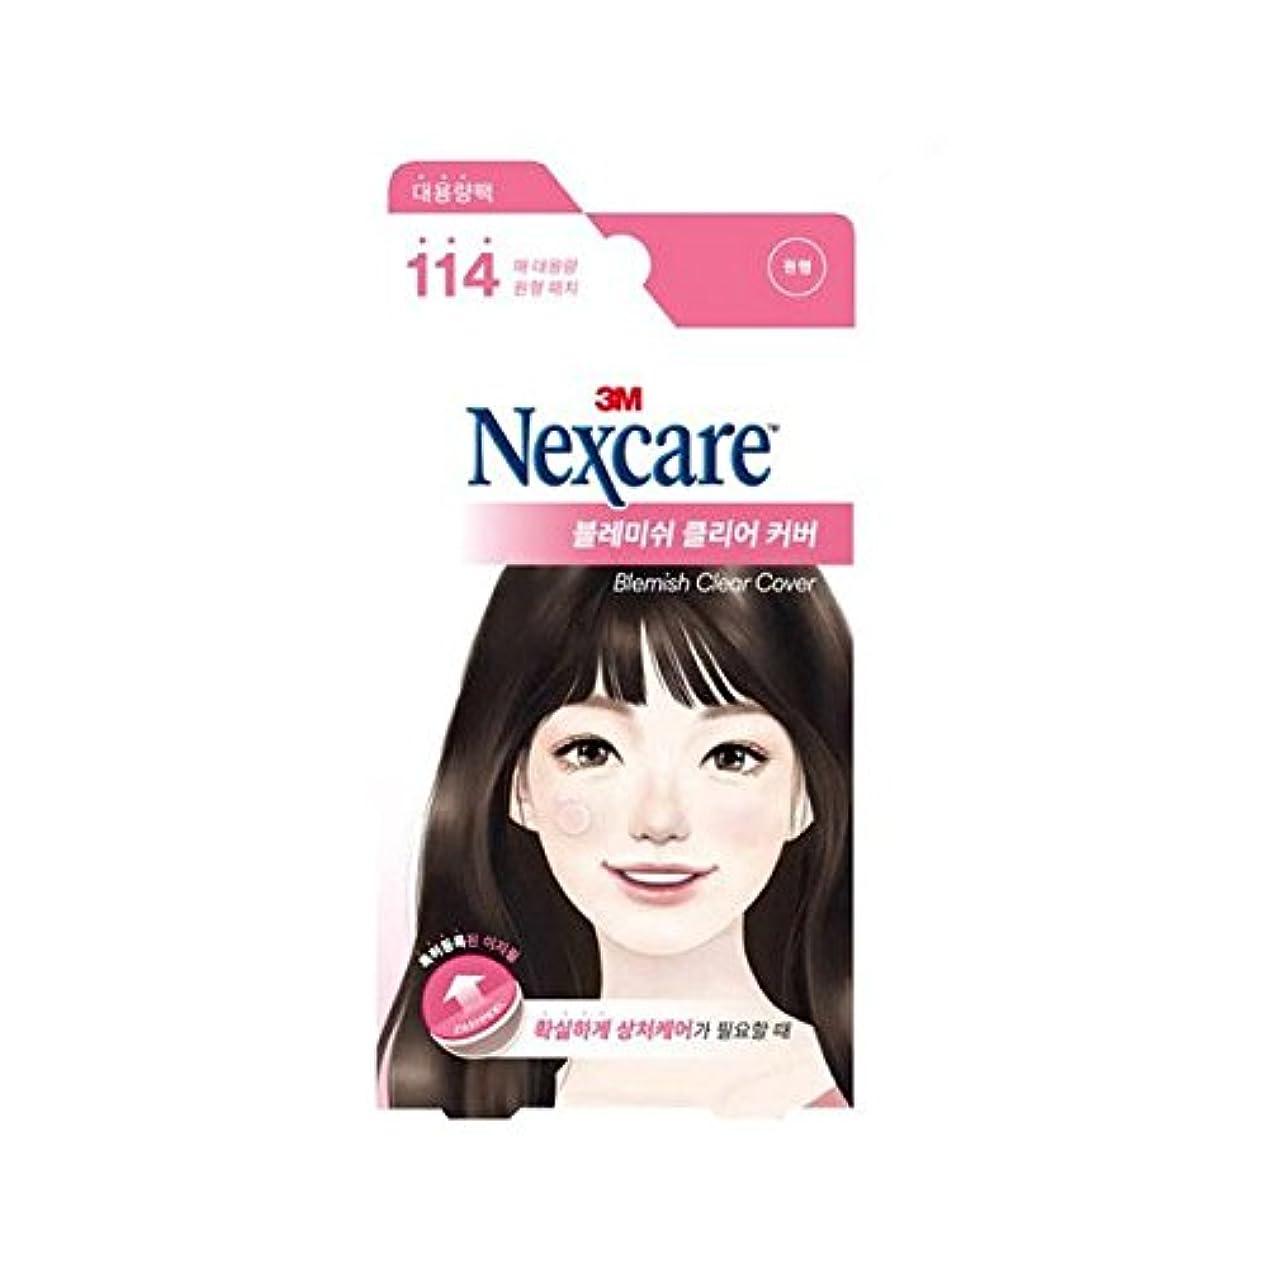 しなければならないに対応する投票[New] 3M Nexcare Blemish Clear Cover Easy Peel 114 Patches/3M ネクスケア ブレミッシュ クリア カバー イージー ピール 114パッチ入り [並行輸入品]